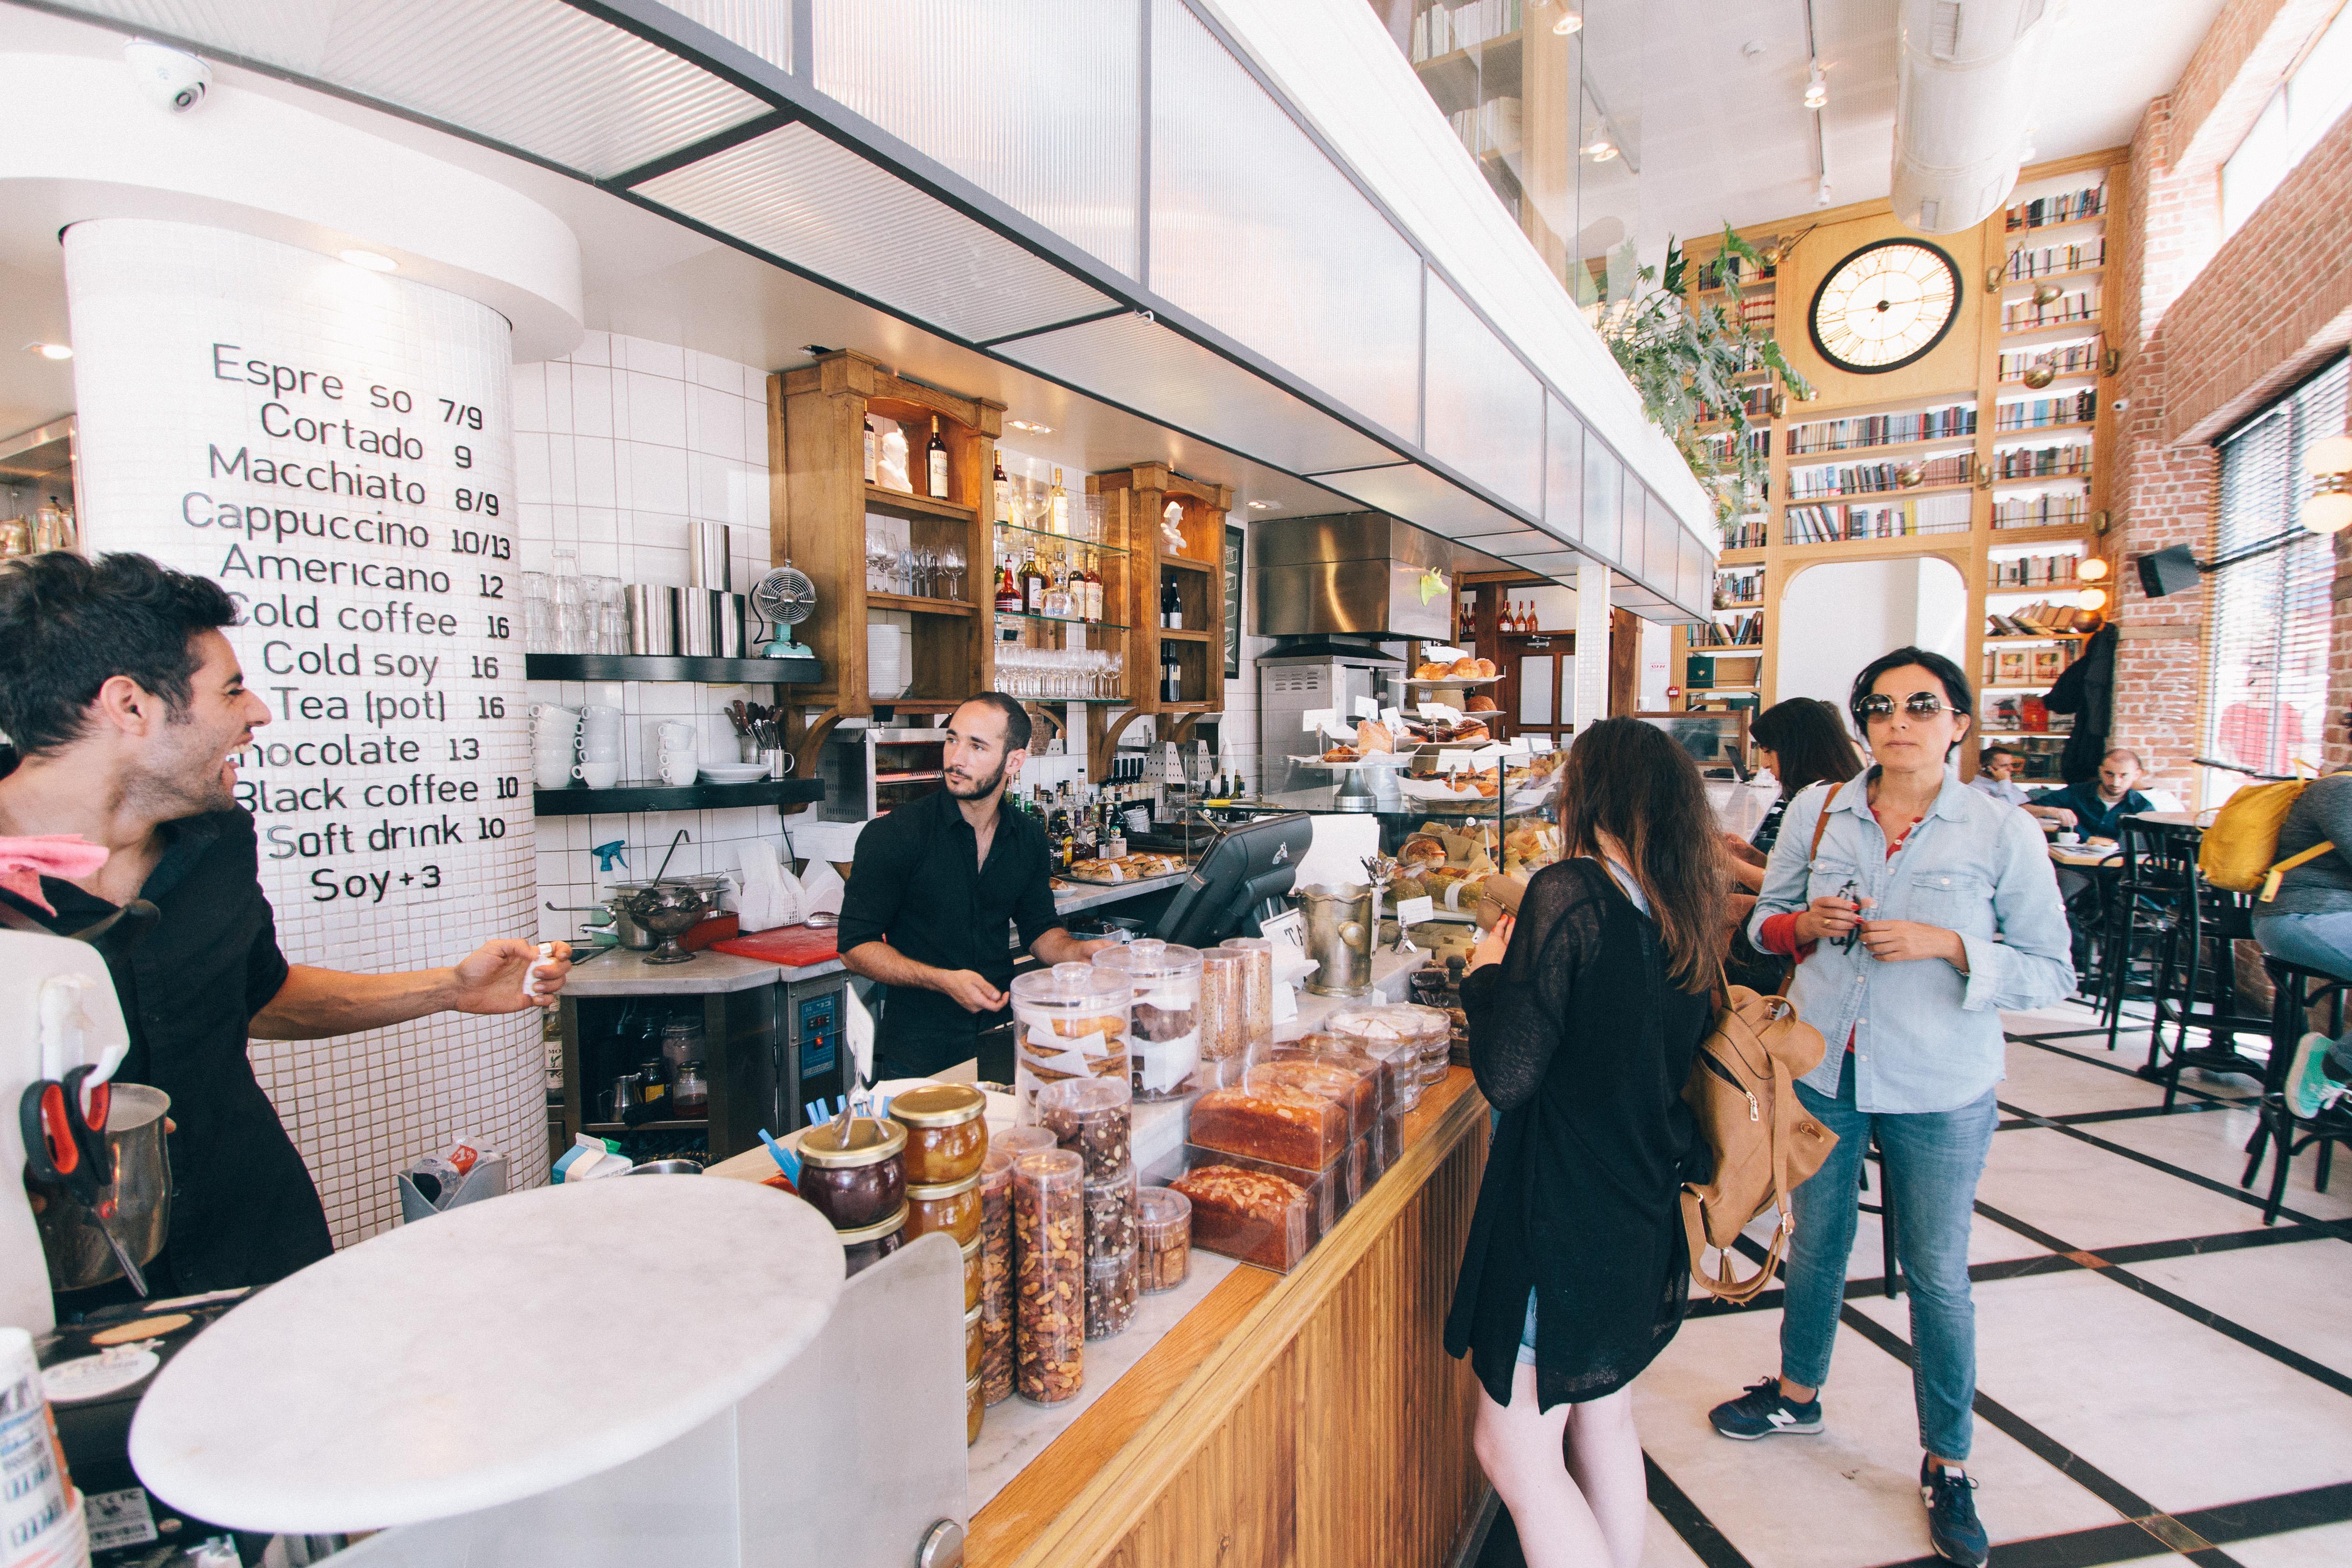 Los precios de los bares y restaurantes siguen su tendencia alcista - La Viña